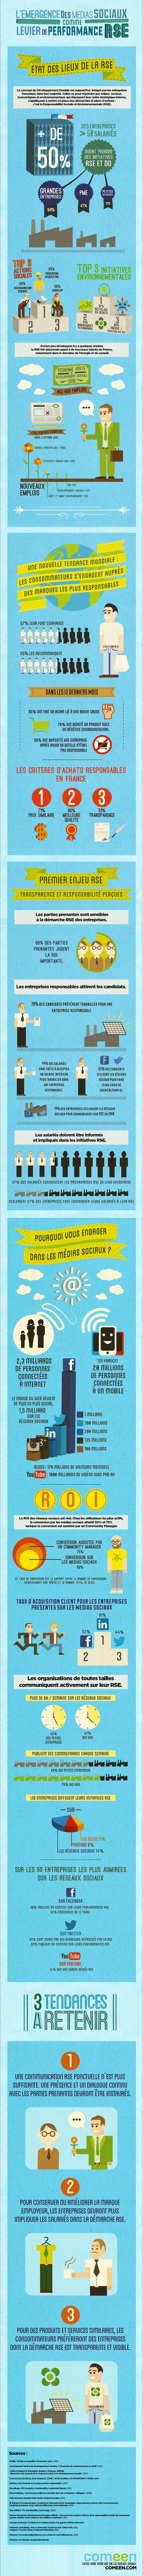 Réseaux sociaux et Responsabilité sociale des entreprises - Avril 2013 http://www.blueboat.fr/infographie-reseaux-sociaux-responsabilite-sociale-des-entreprises